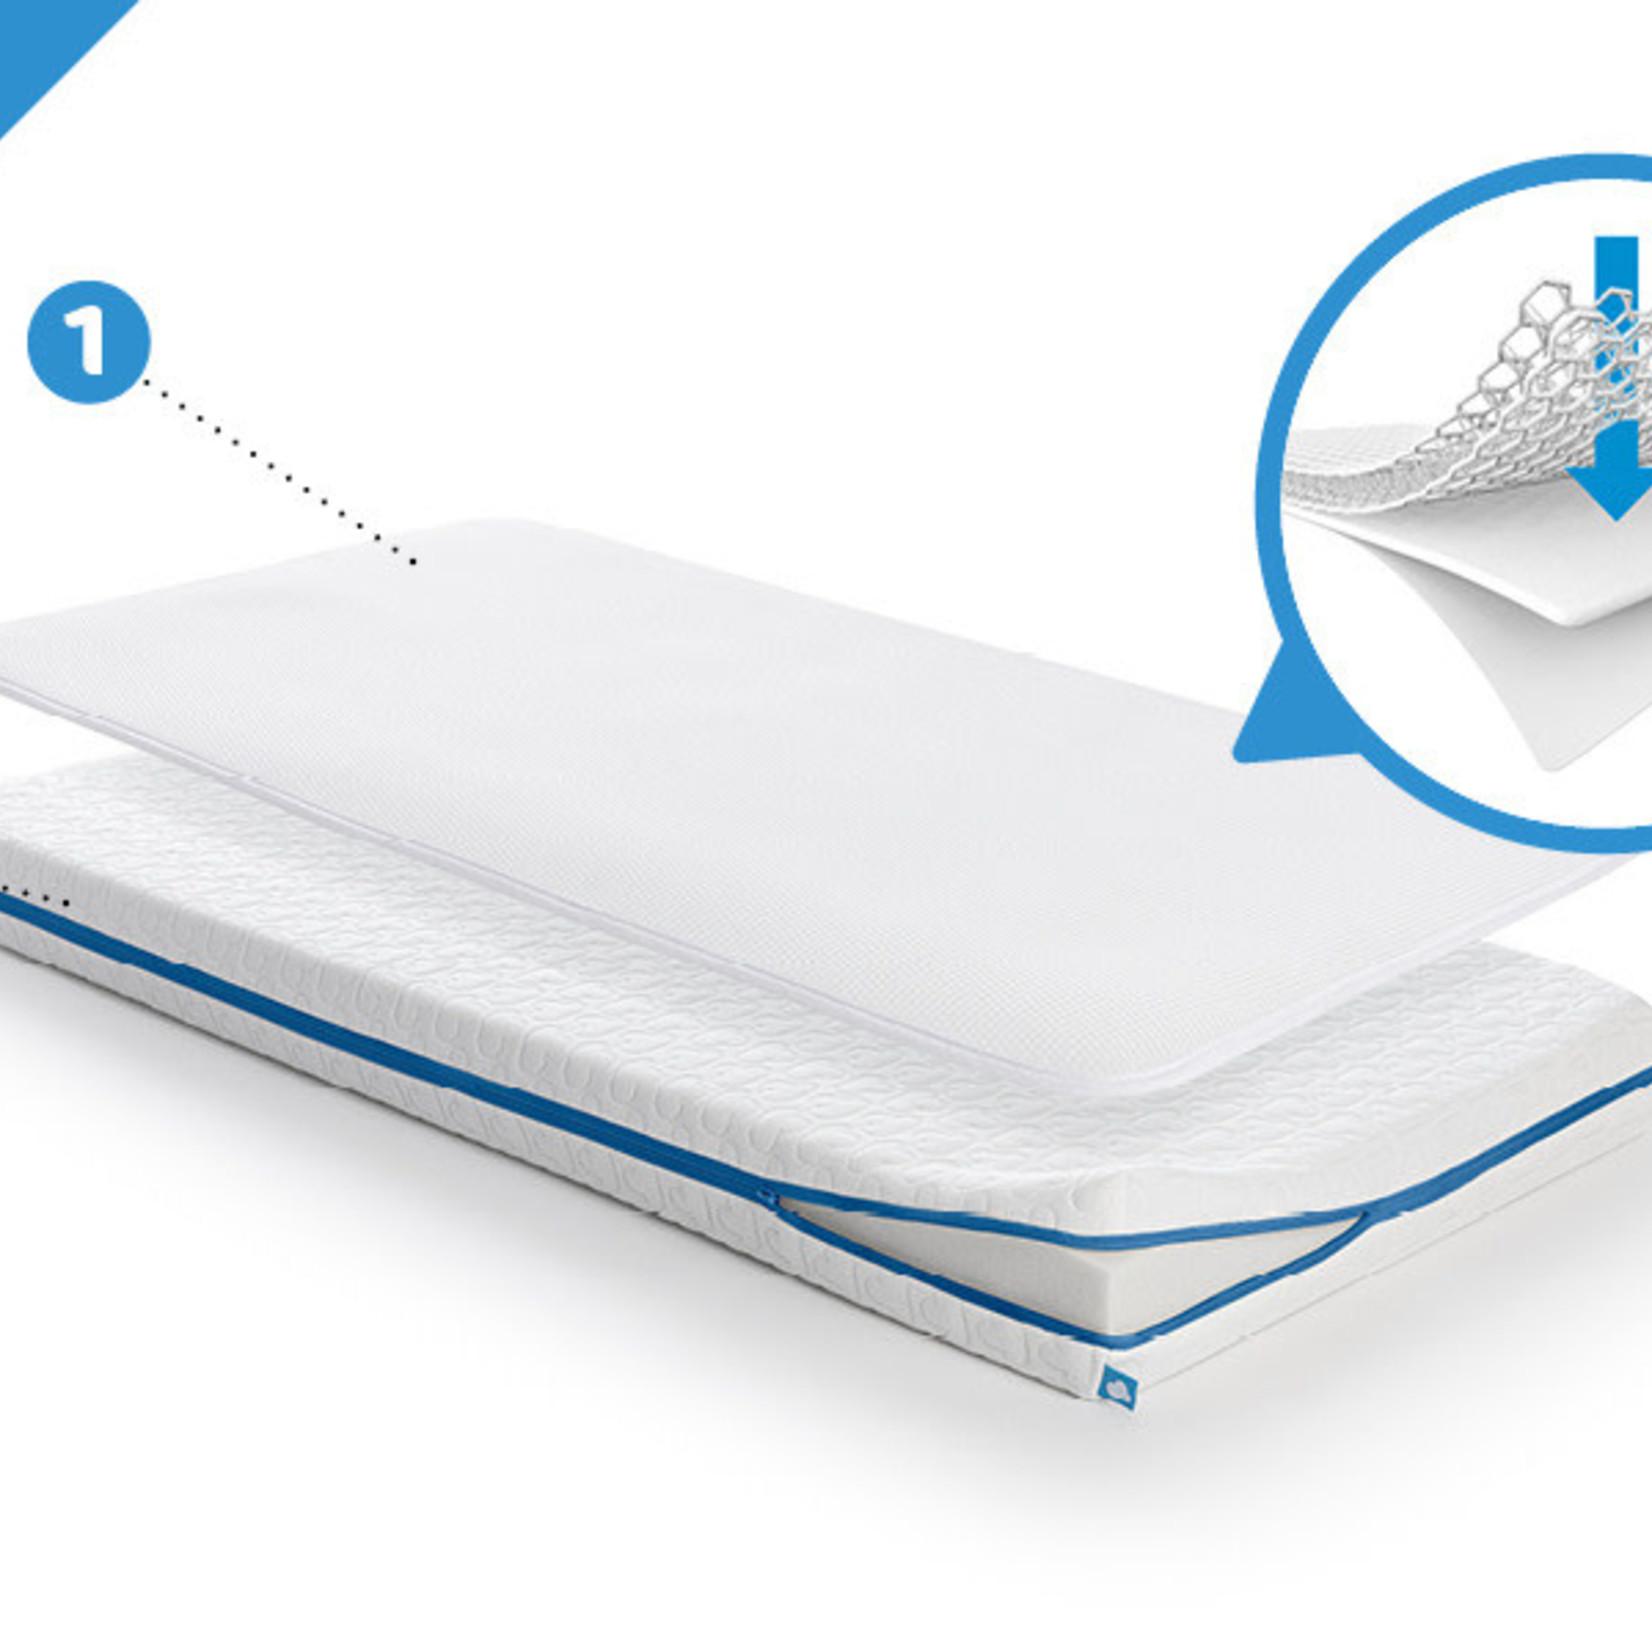 AeroSleep Sleep Safe Pack EVOLUTION